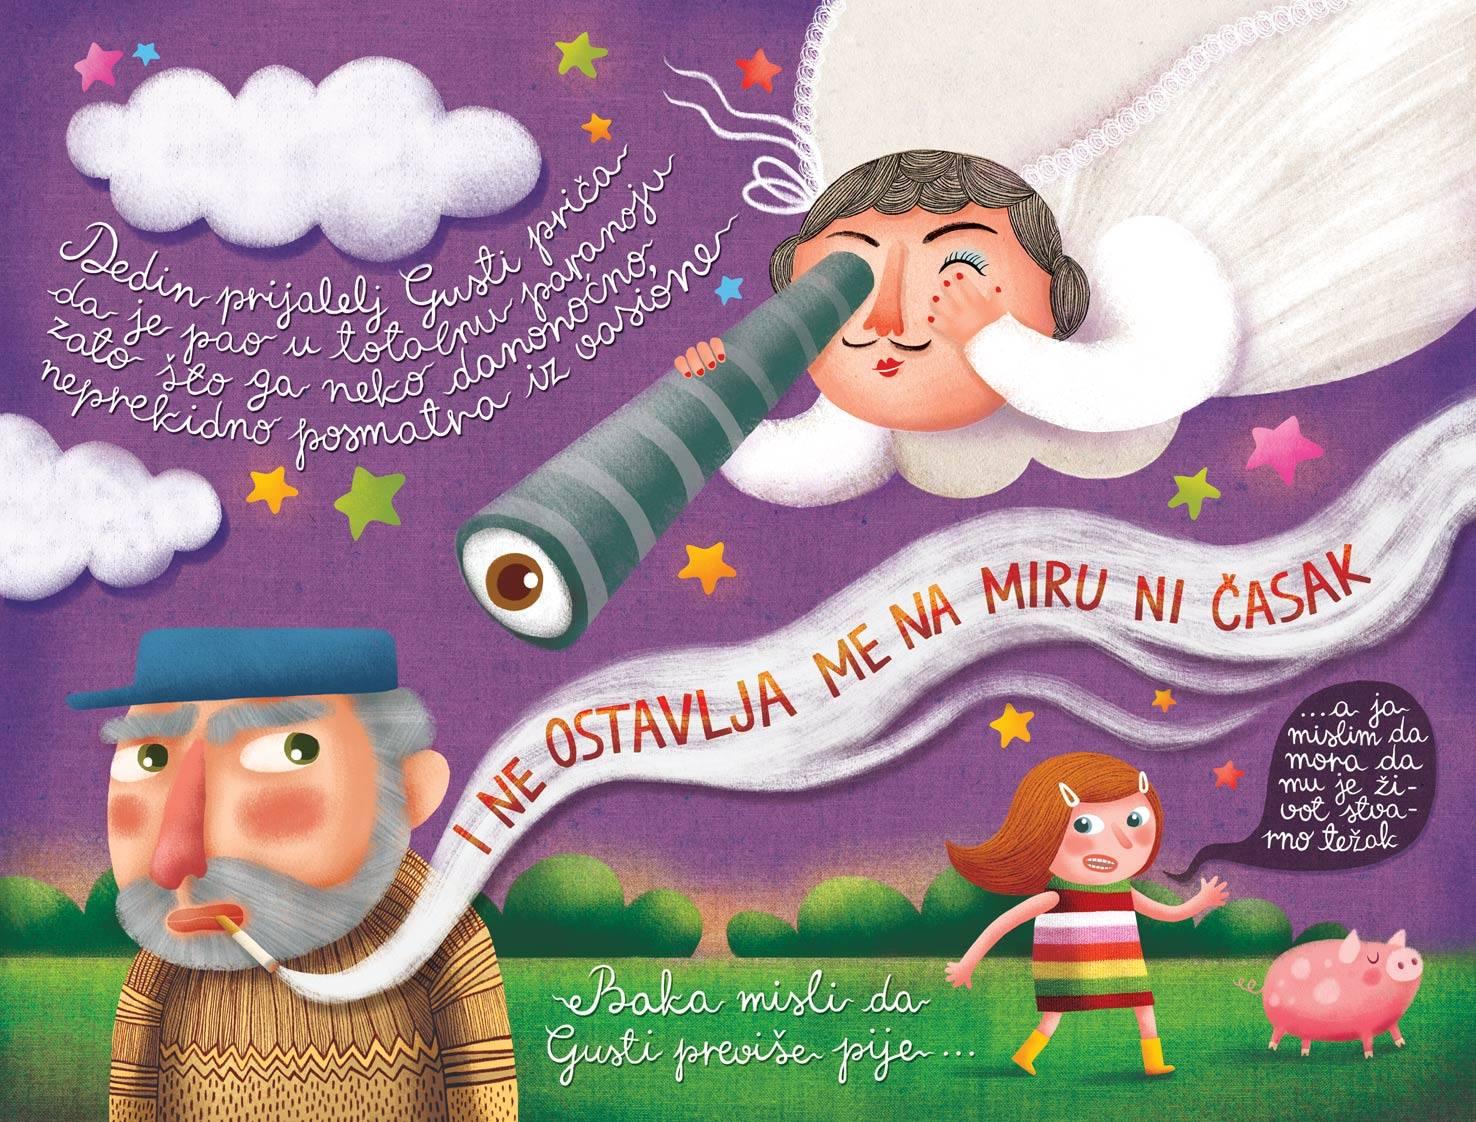 O, a ribiszke! c kisprozamnak kepregenyes valtozata_Maja Veselinovic belgradi kepzomuvesz munkaja.jpg